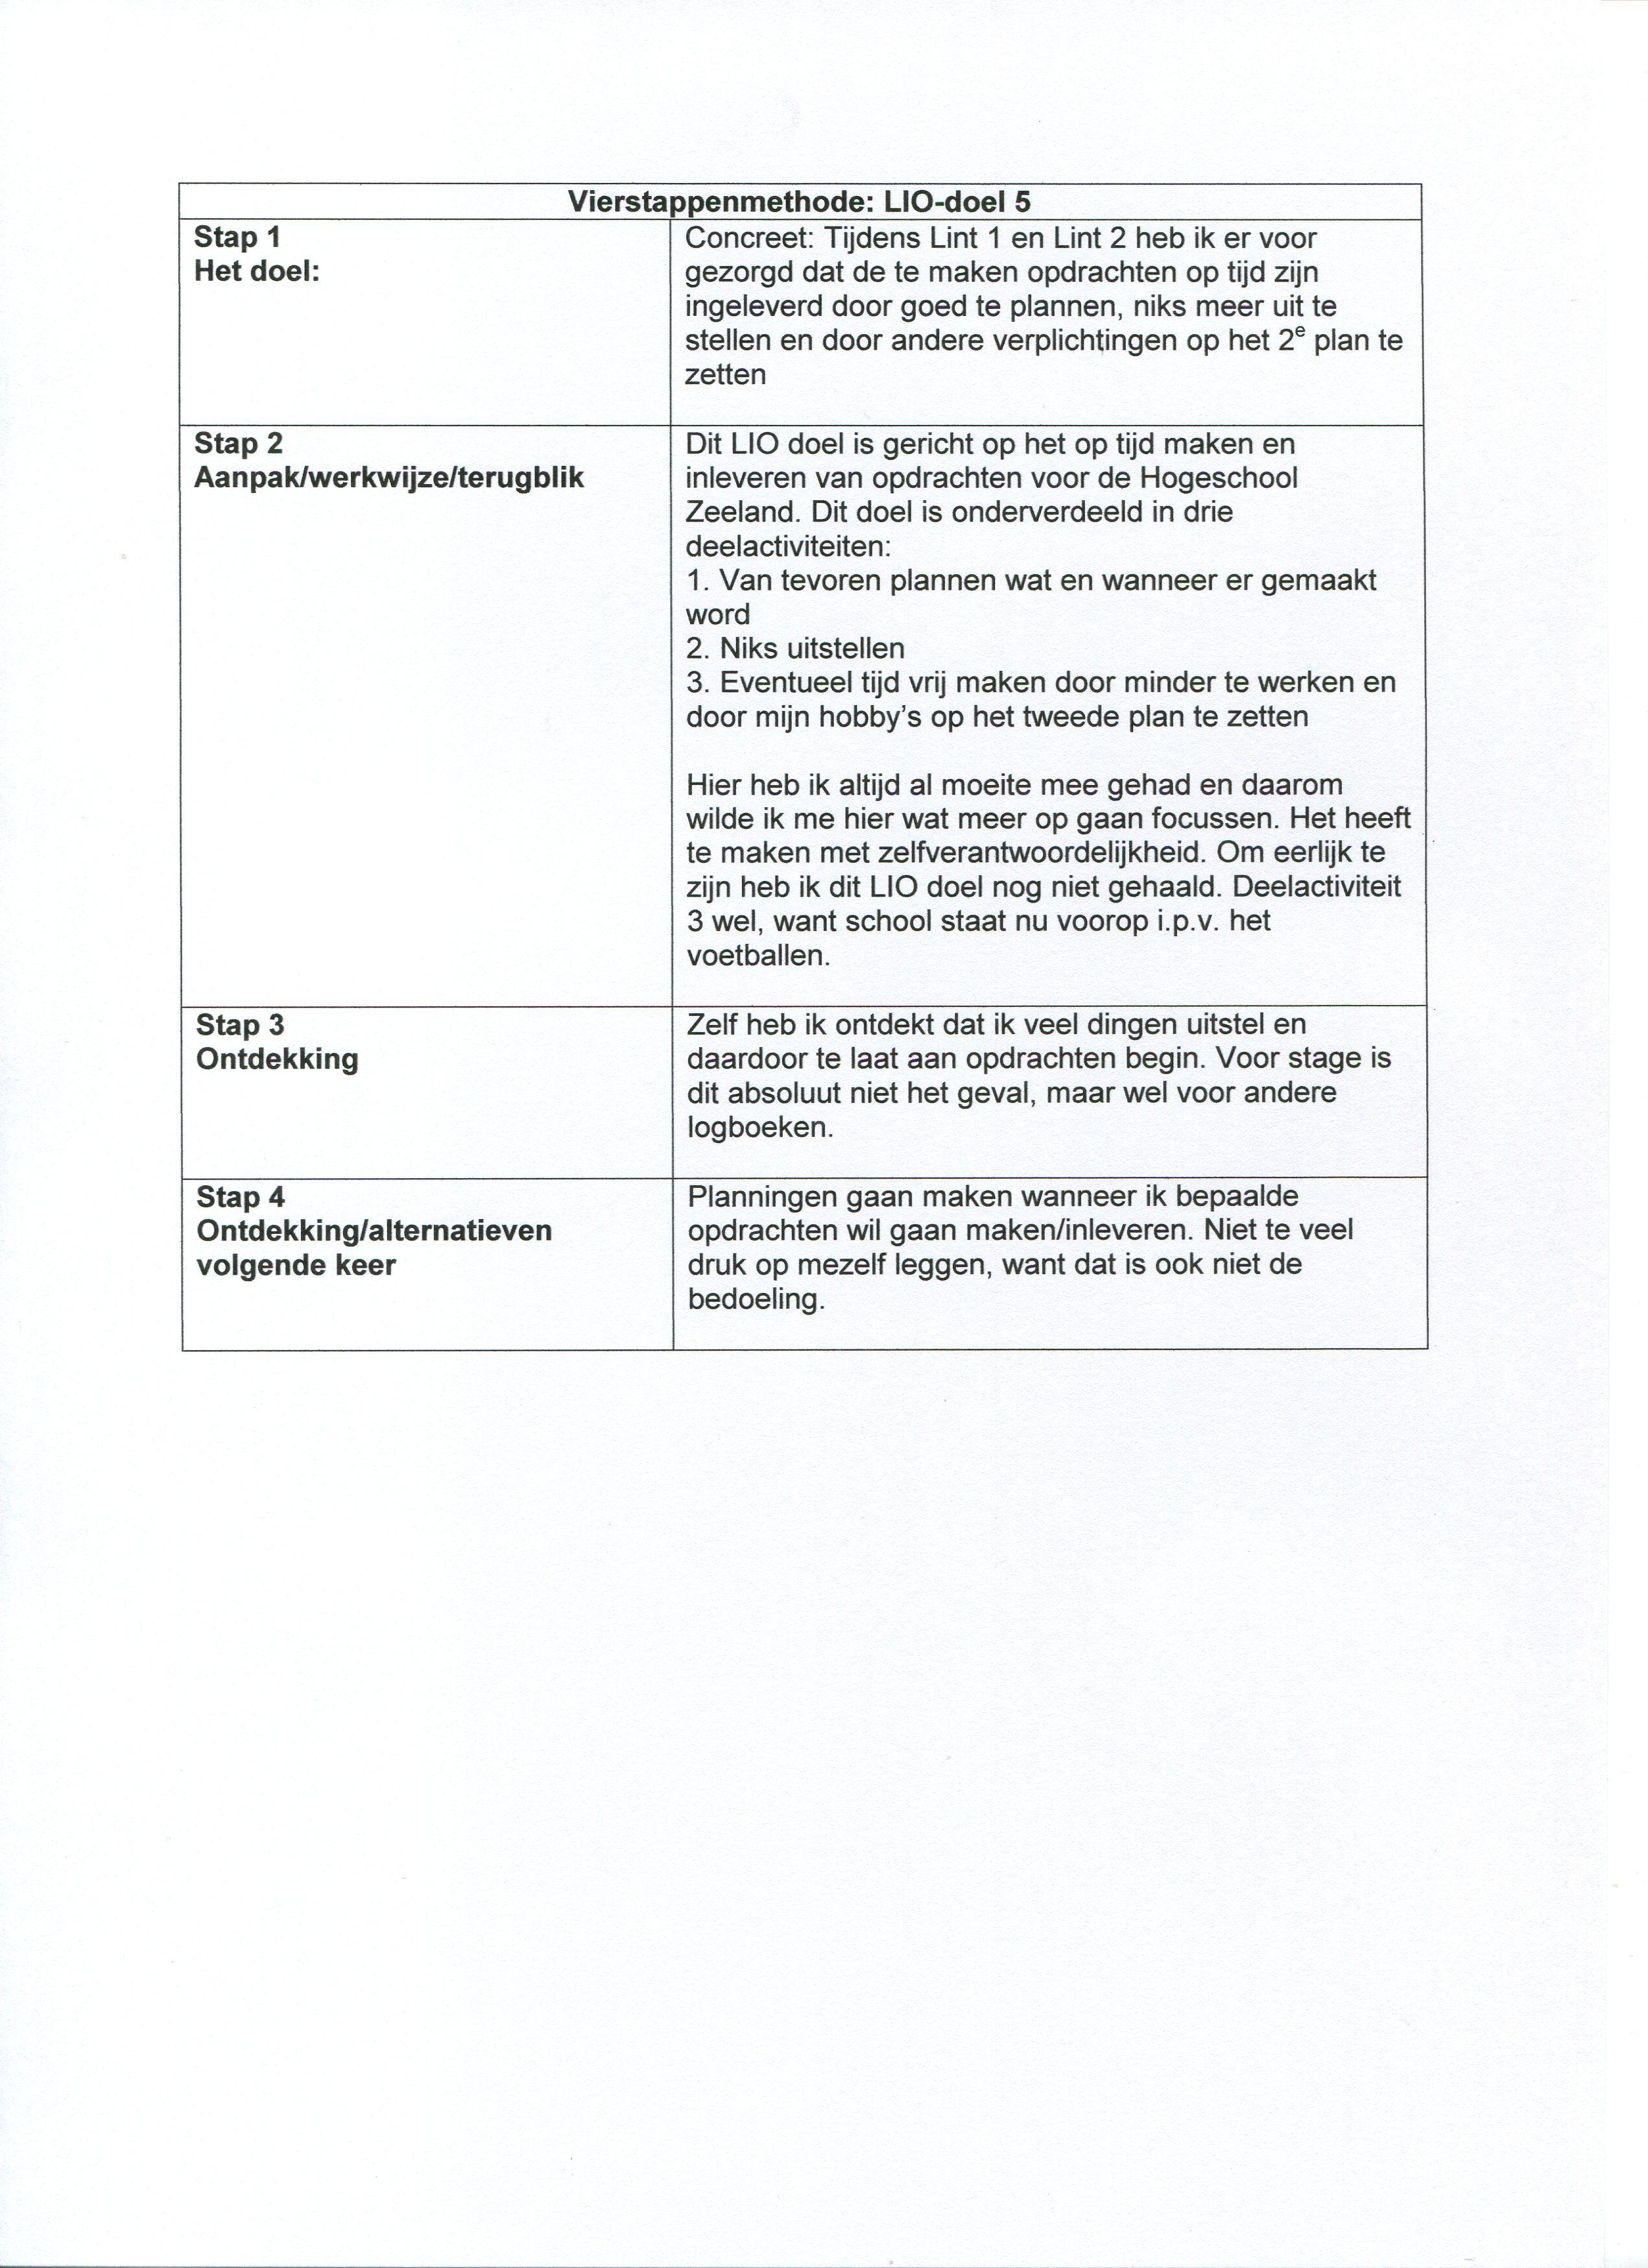 voorbeeld sollicitatiebrief lio stage LIO doelen   martijnrentier voorbeeld sollicitatiebrief lio stage